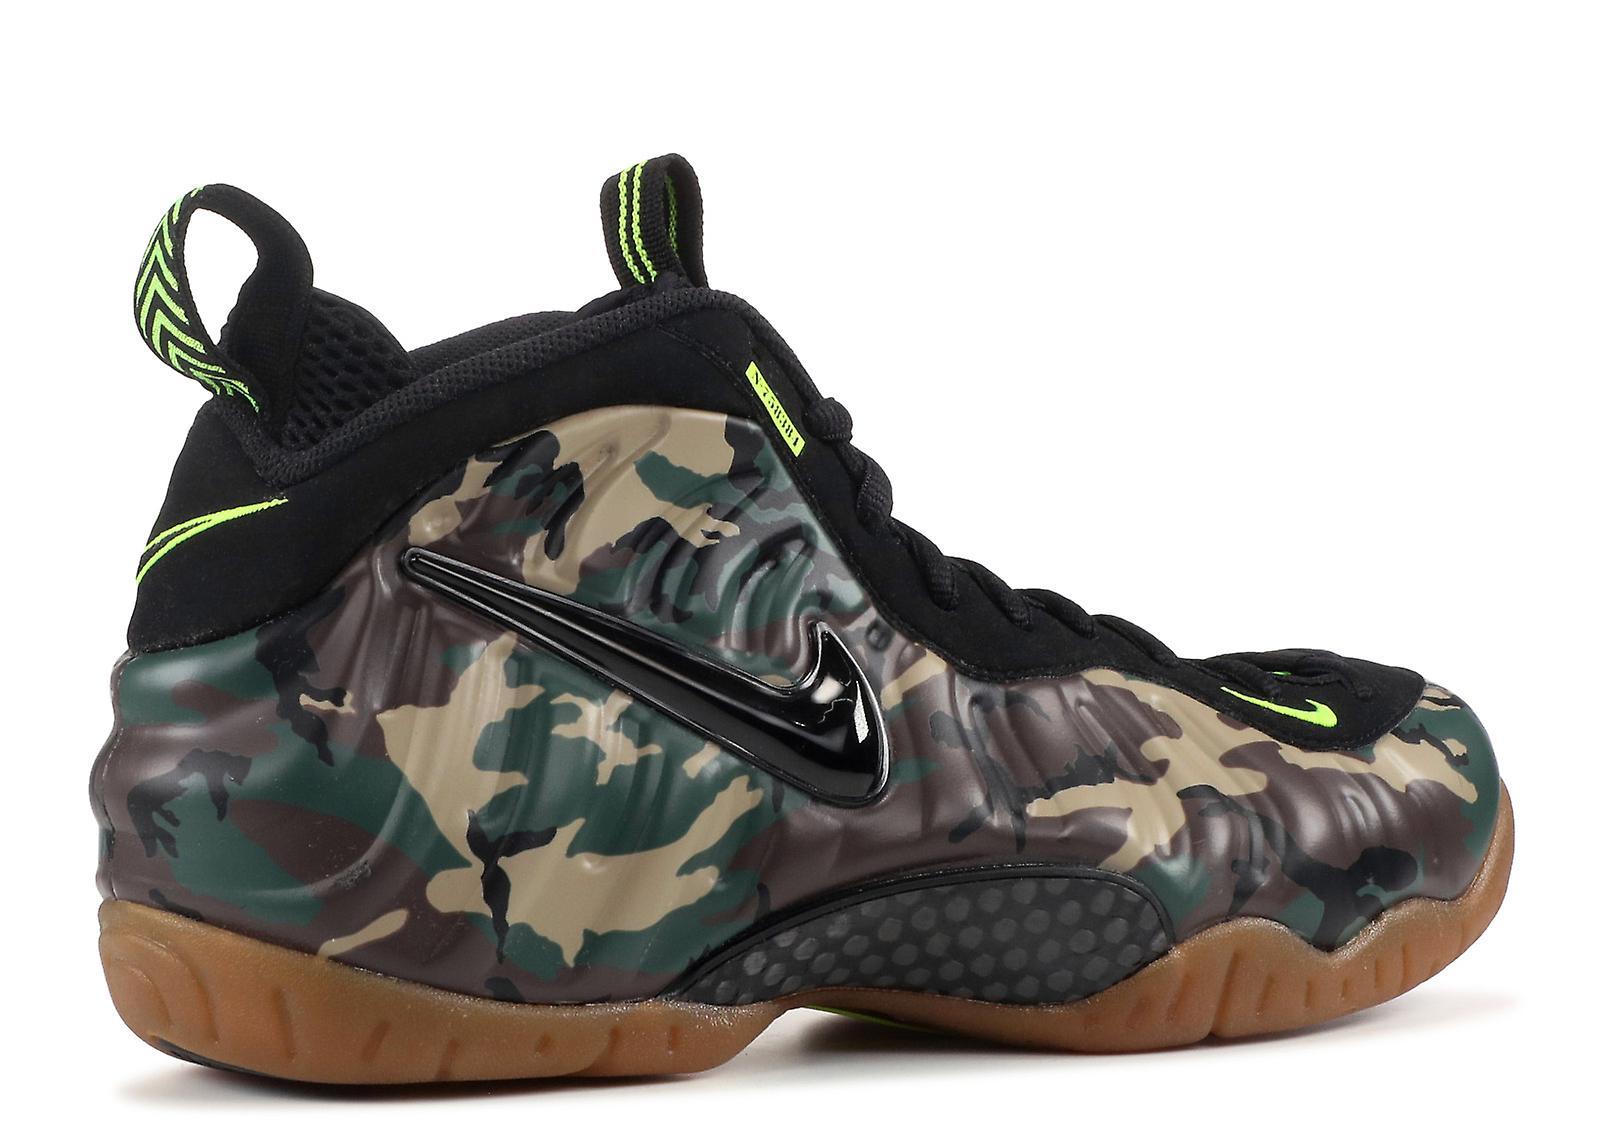 L'air Foamposite Pro Prm Le «camo Vert» - 587547 300 Chaussures